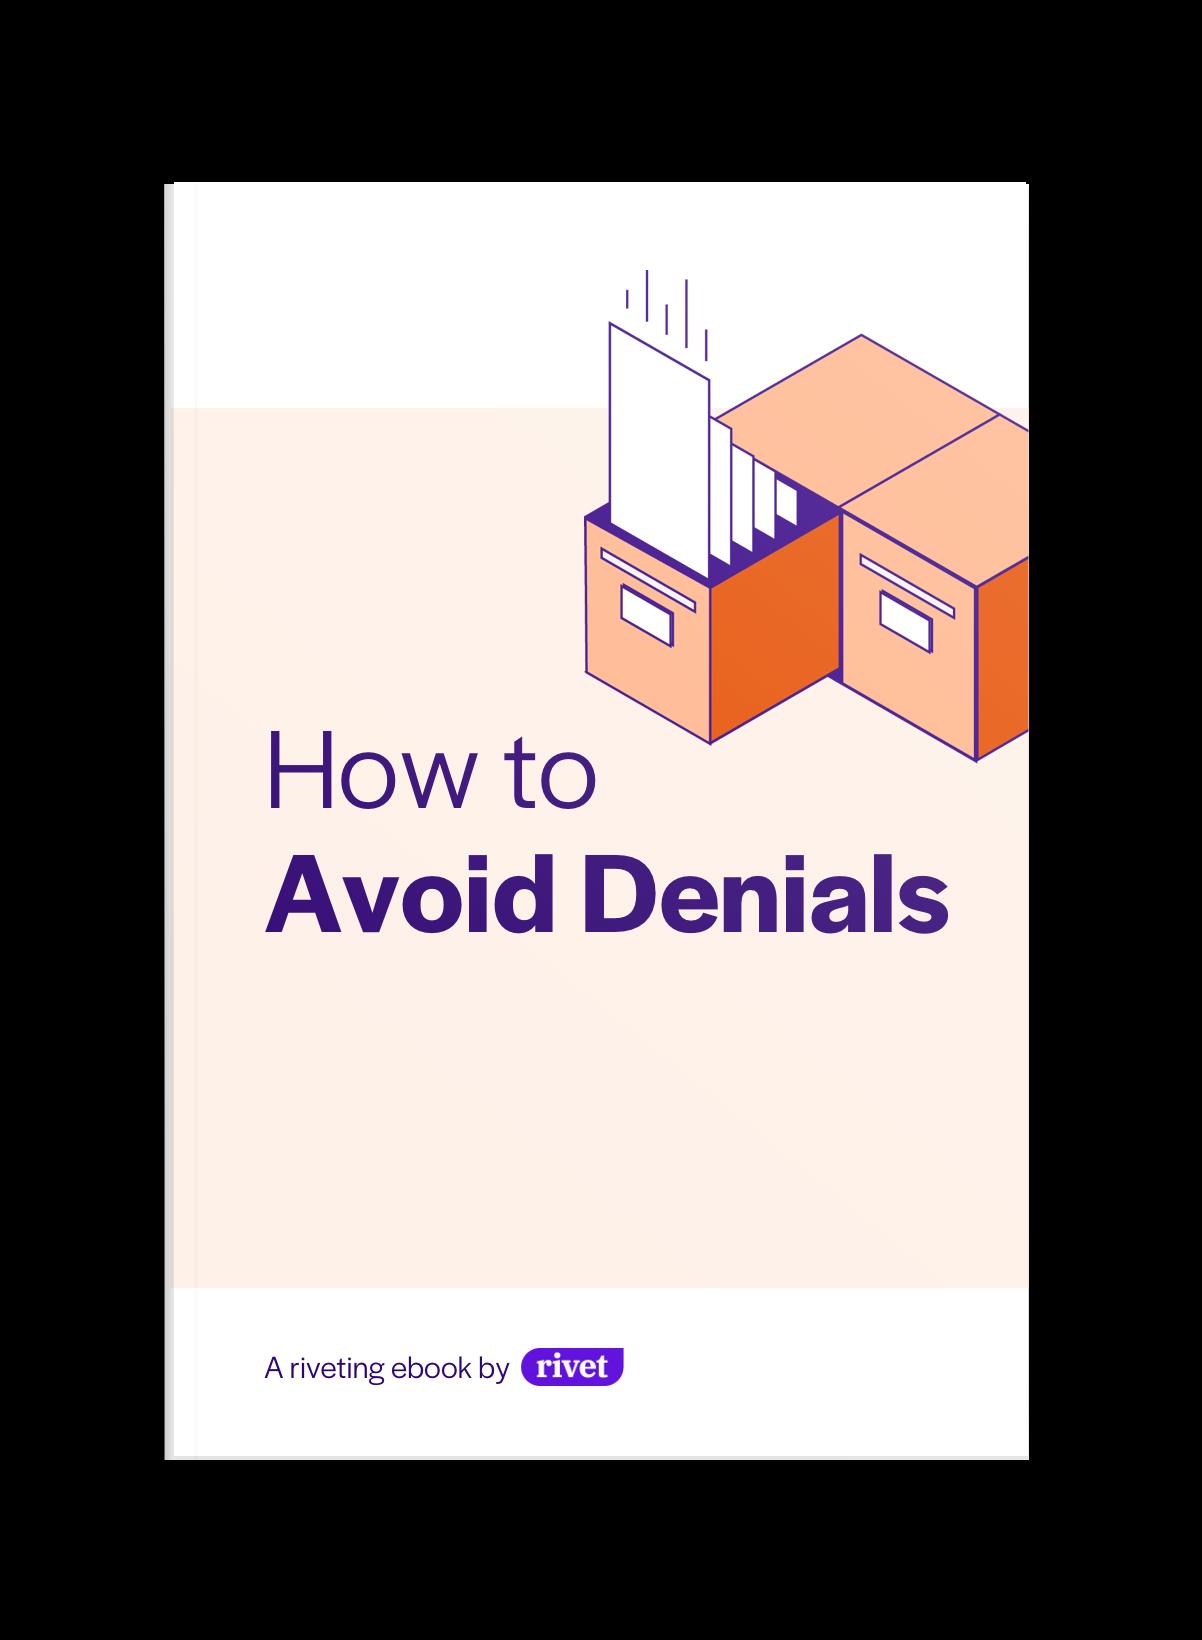 Mockup-Avoid Denials